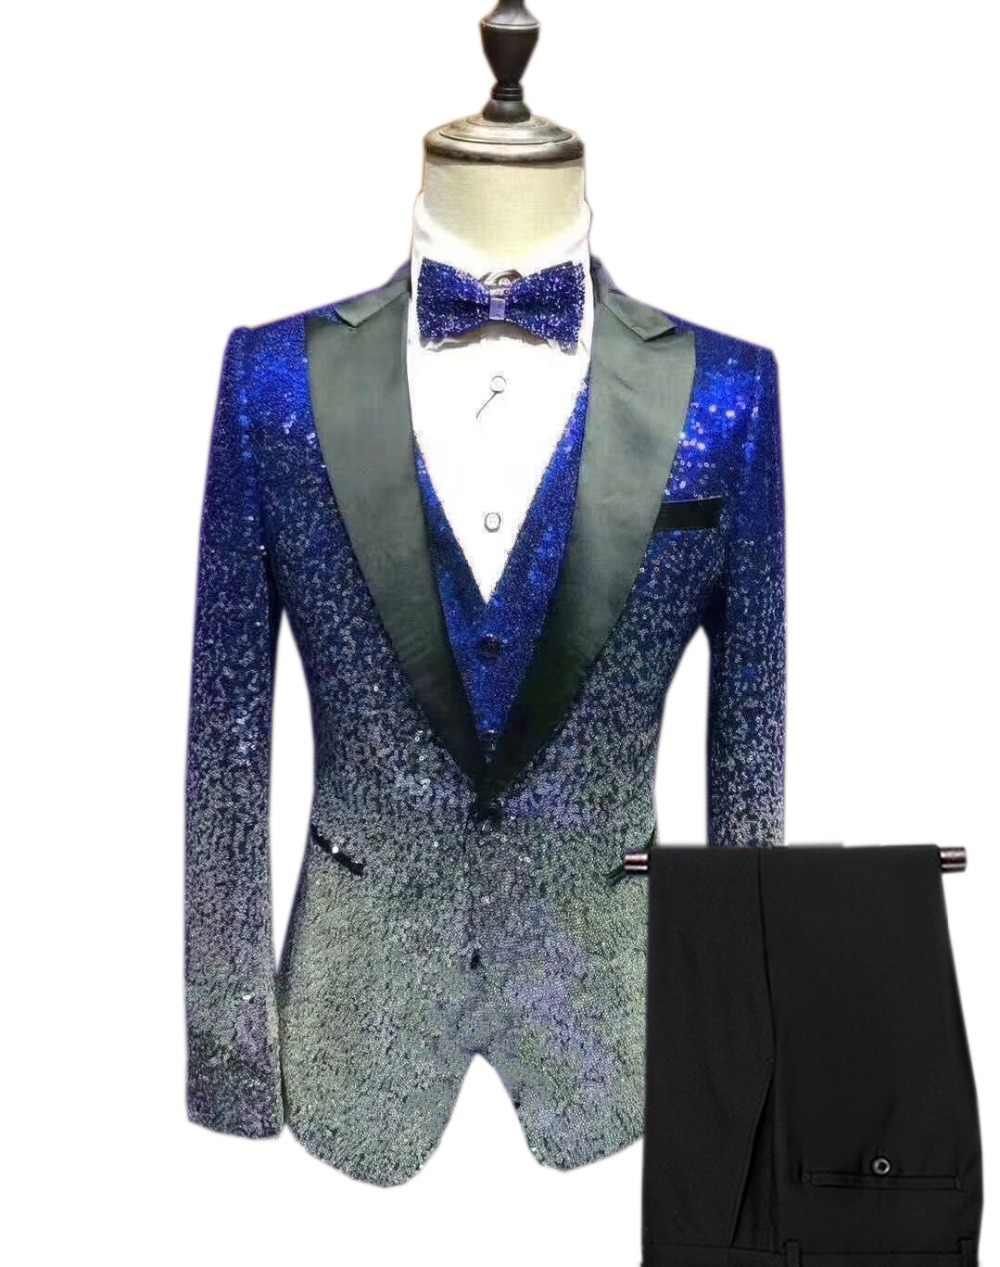 メンズスパンコールスーツ 3 個光沢のあるスリムフィットタキシードピークノッチラペルパーティー結婚式新郎宴会ナイトクラブ (ブレザー + ベスト + パンツ)